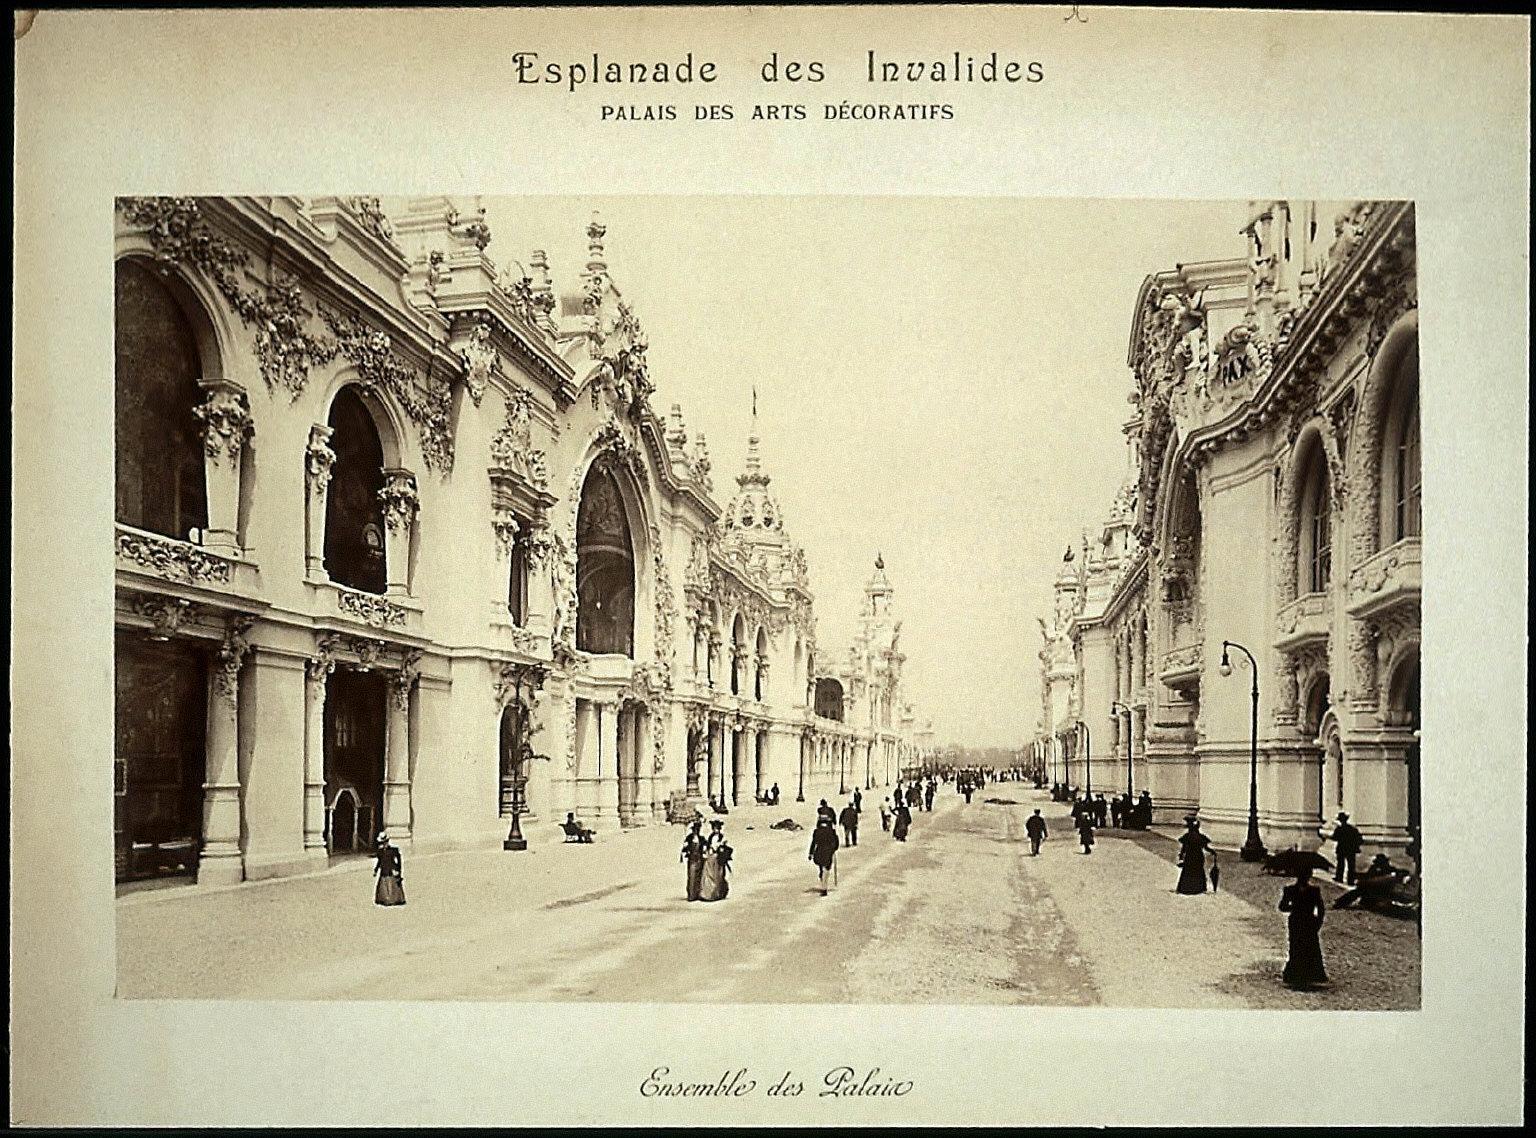 Esplanade des Invalides - Palais des Arts Decoratifs